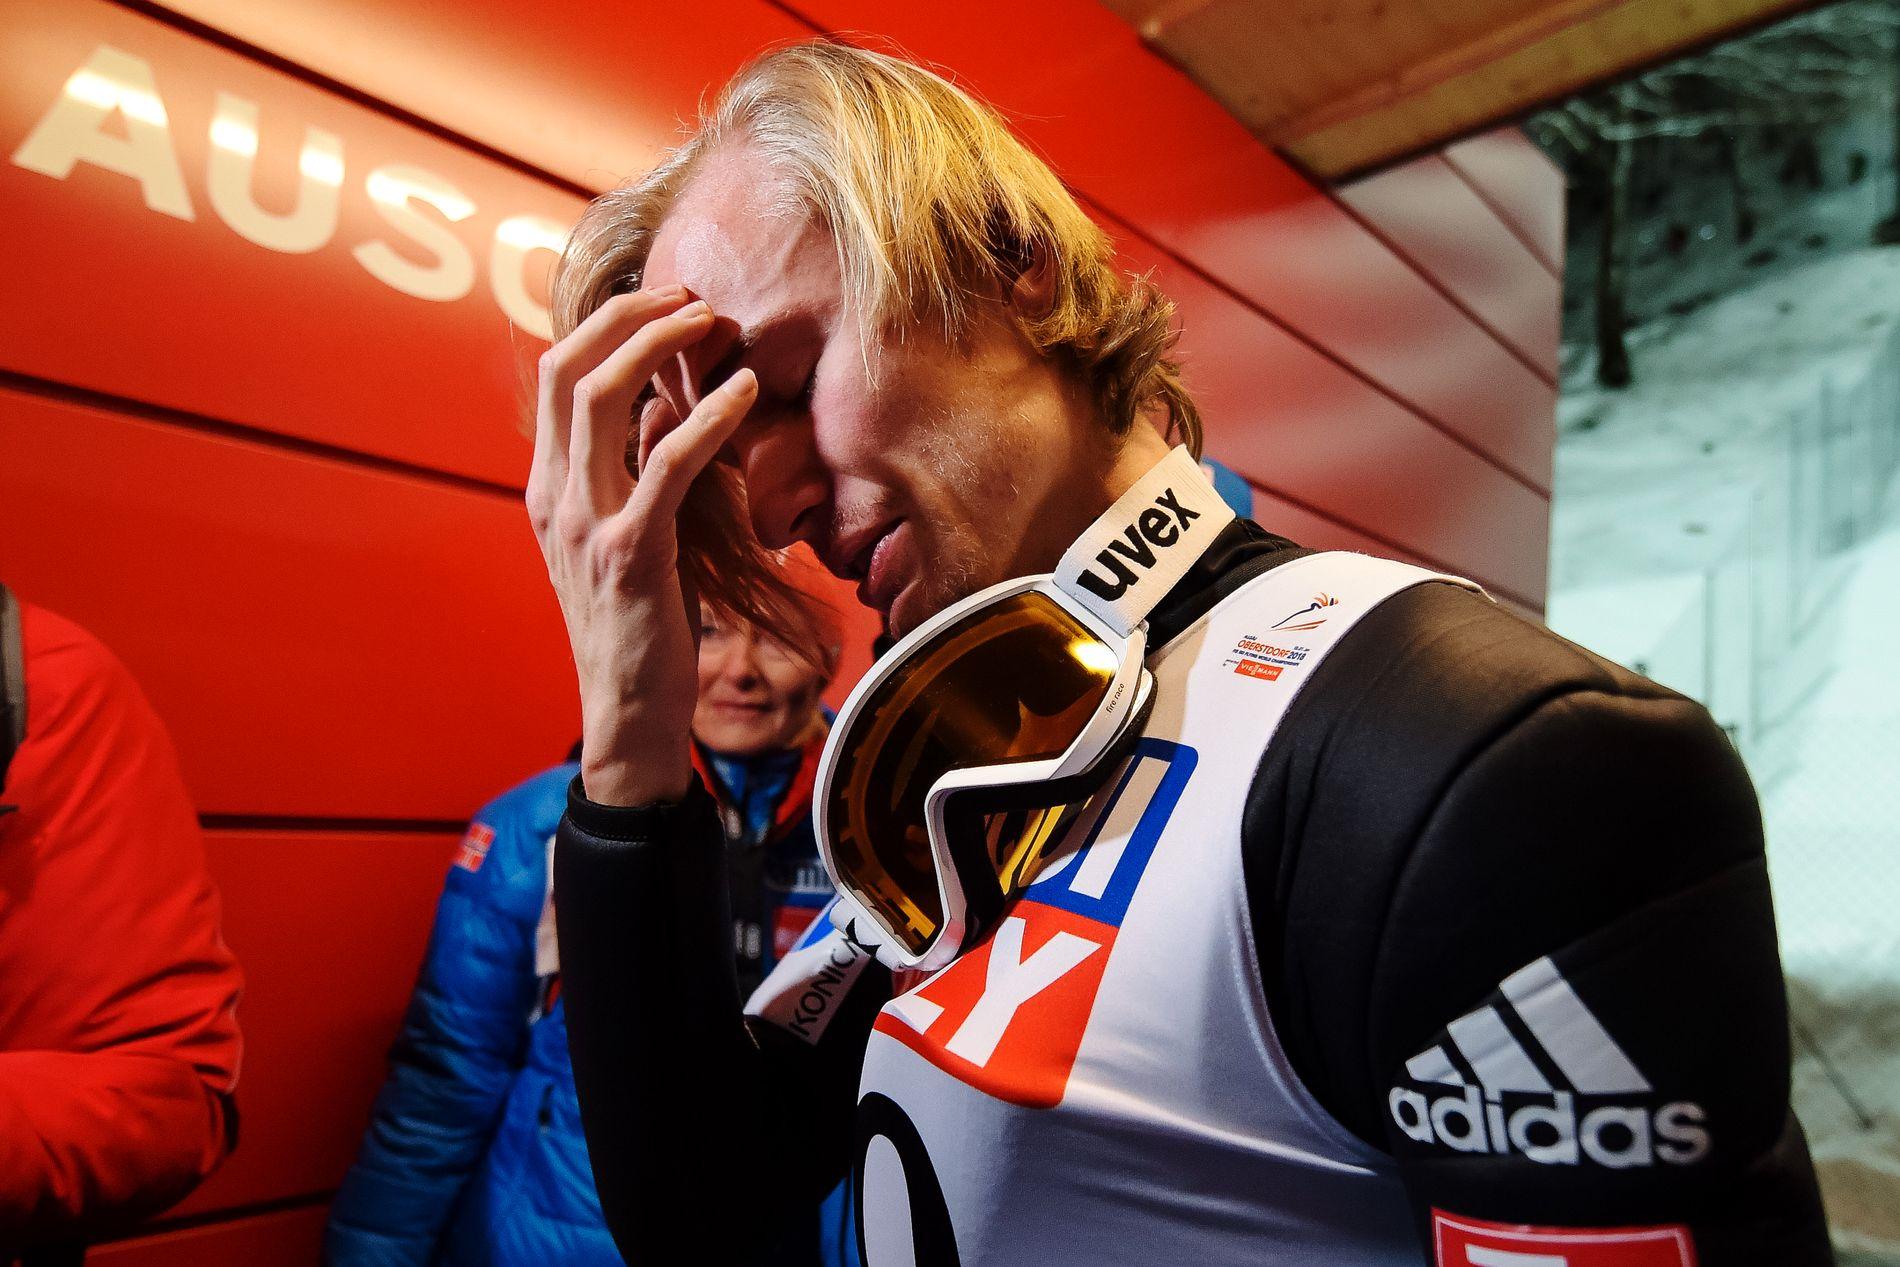 Det var et rørende øyeblikk for Daniel-André Tande da han fikk beskjeden om at han var verdensmester.